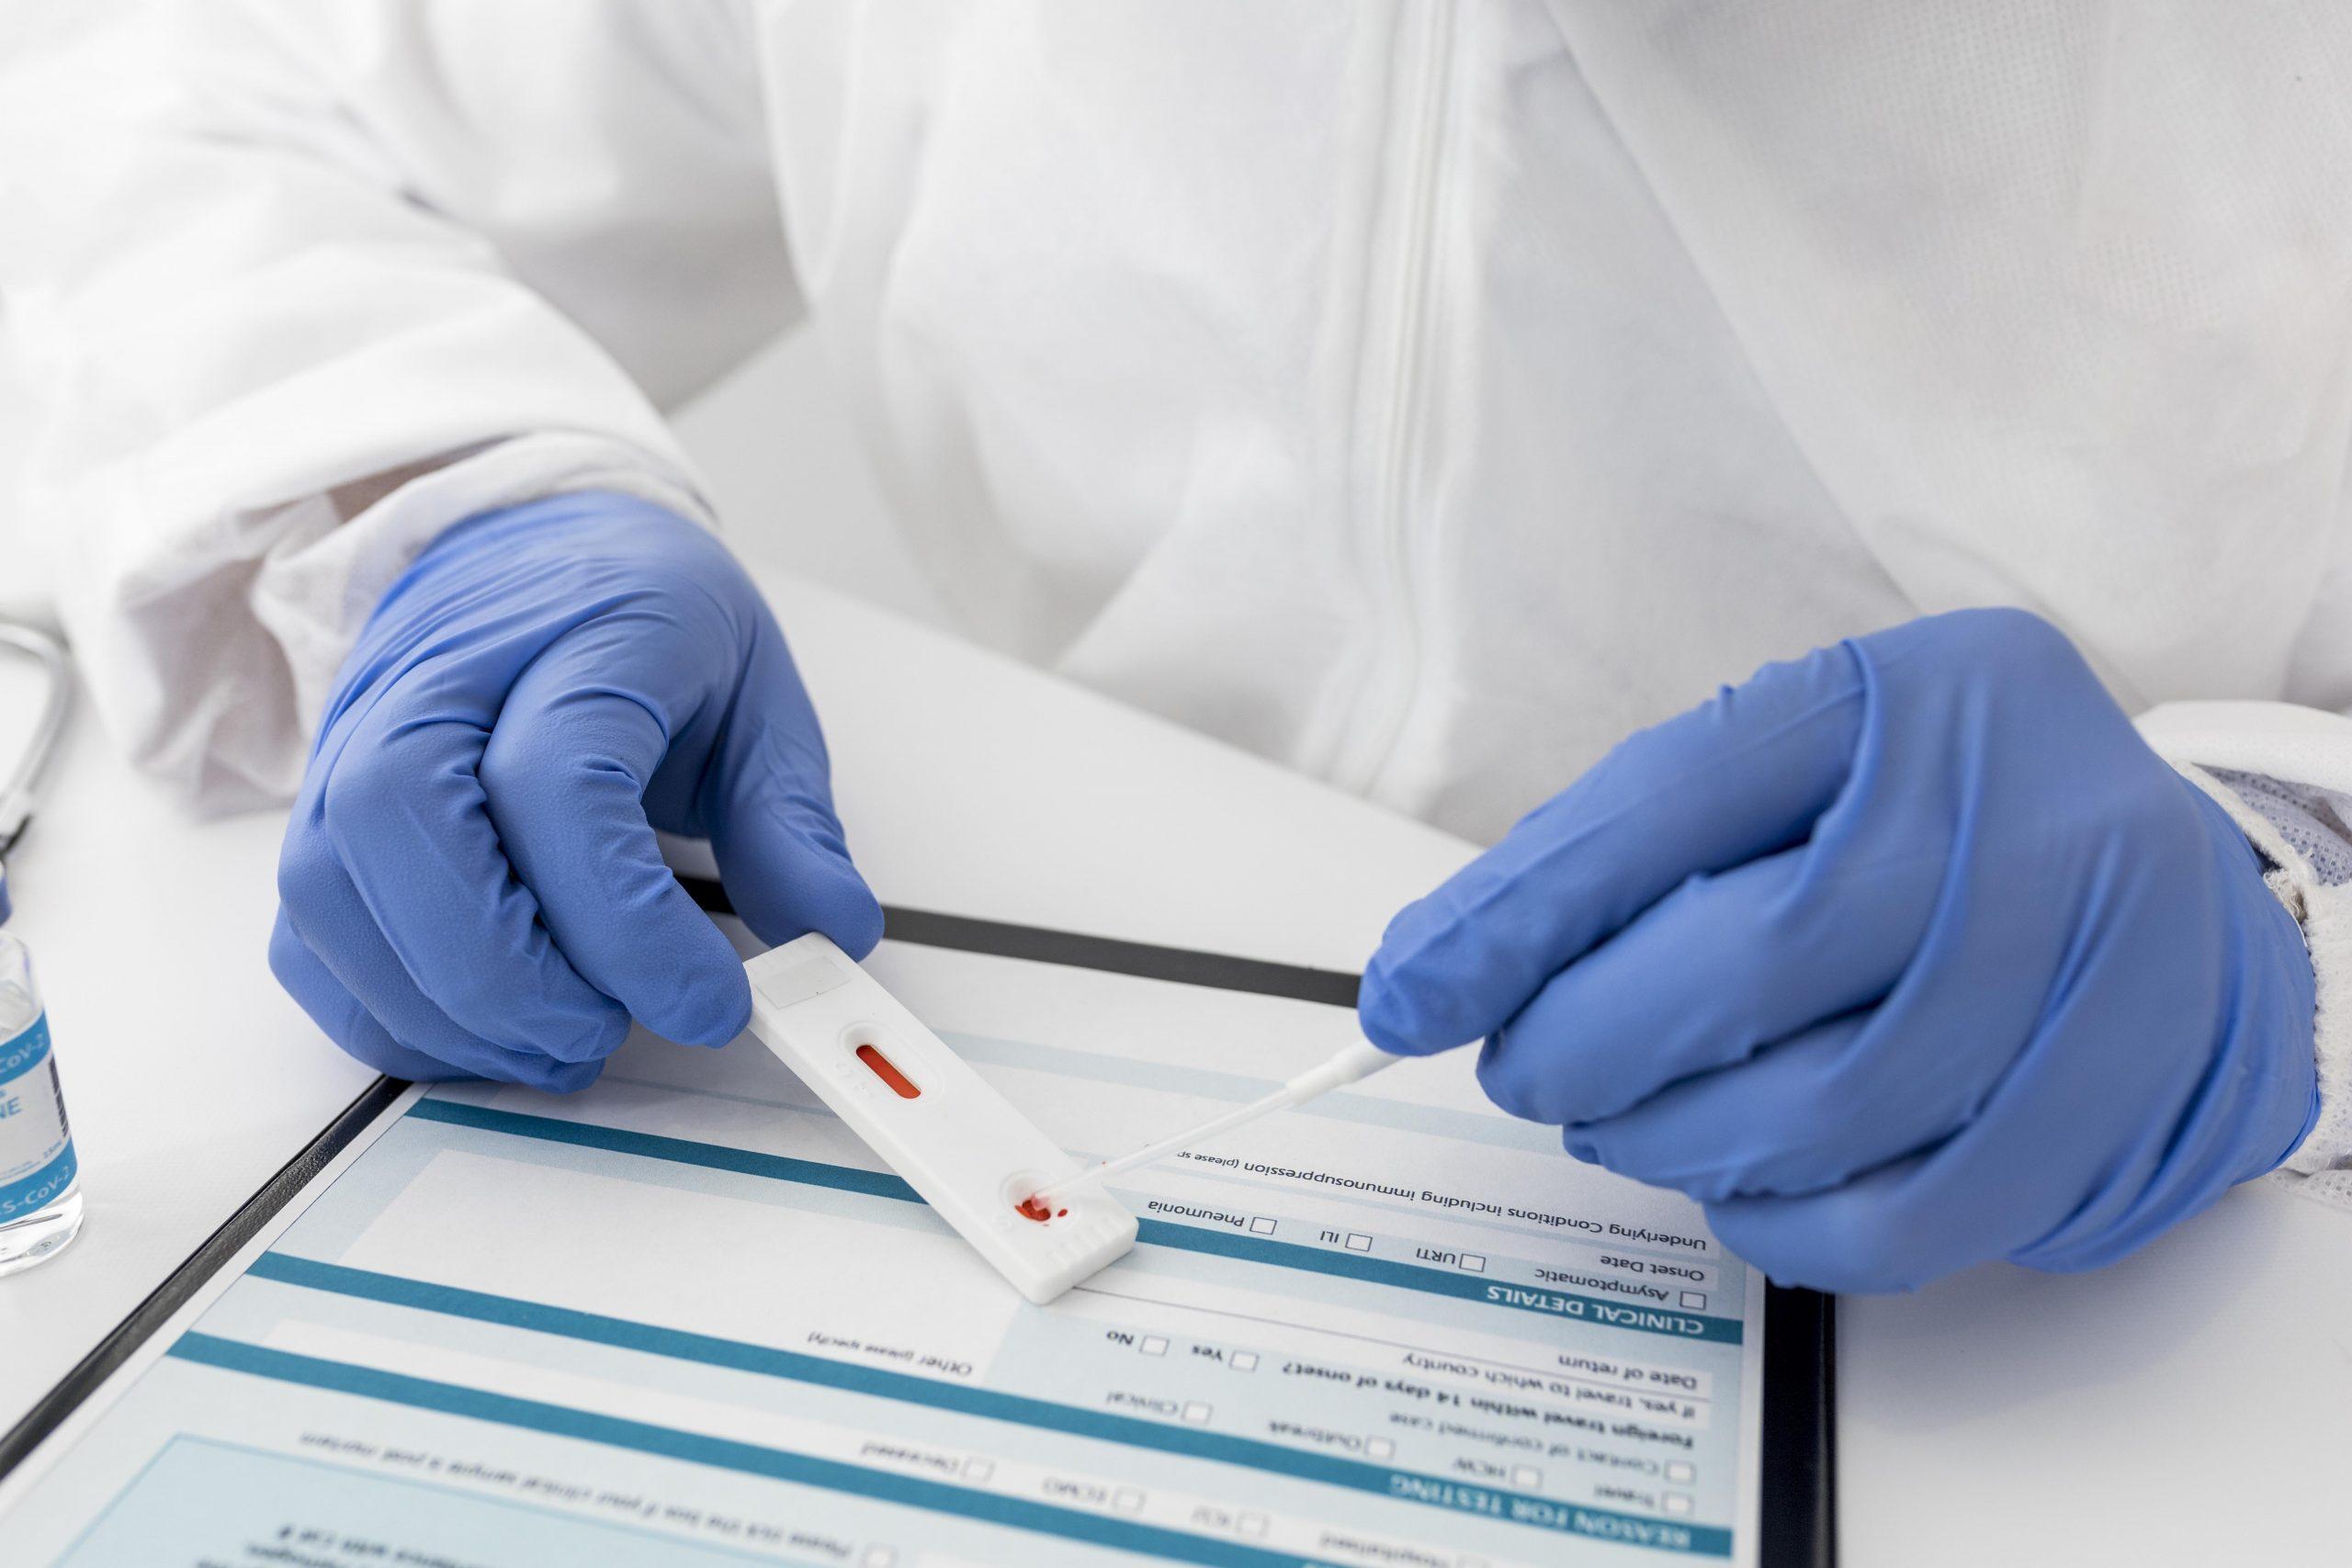 Ministério da Saúde prevê que vacinação comece entre 20 de janeiro e 10 de fevereiro